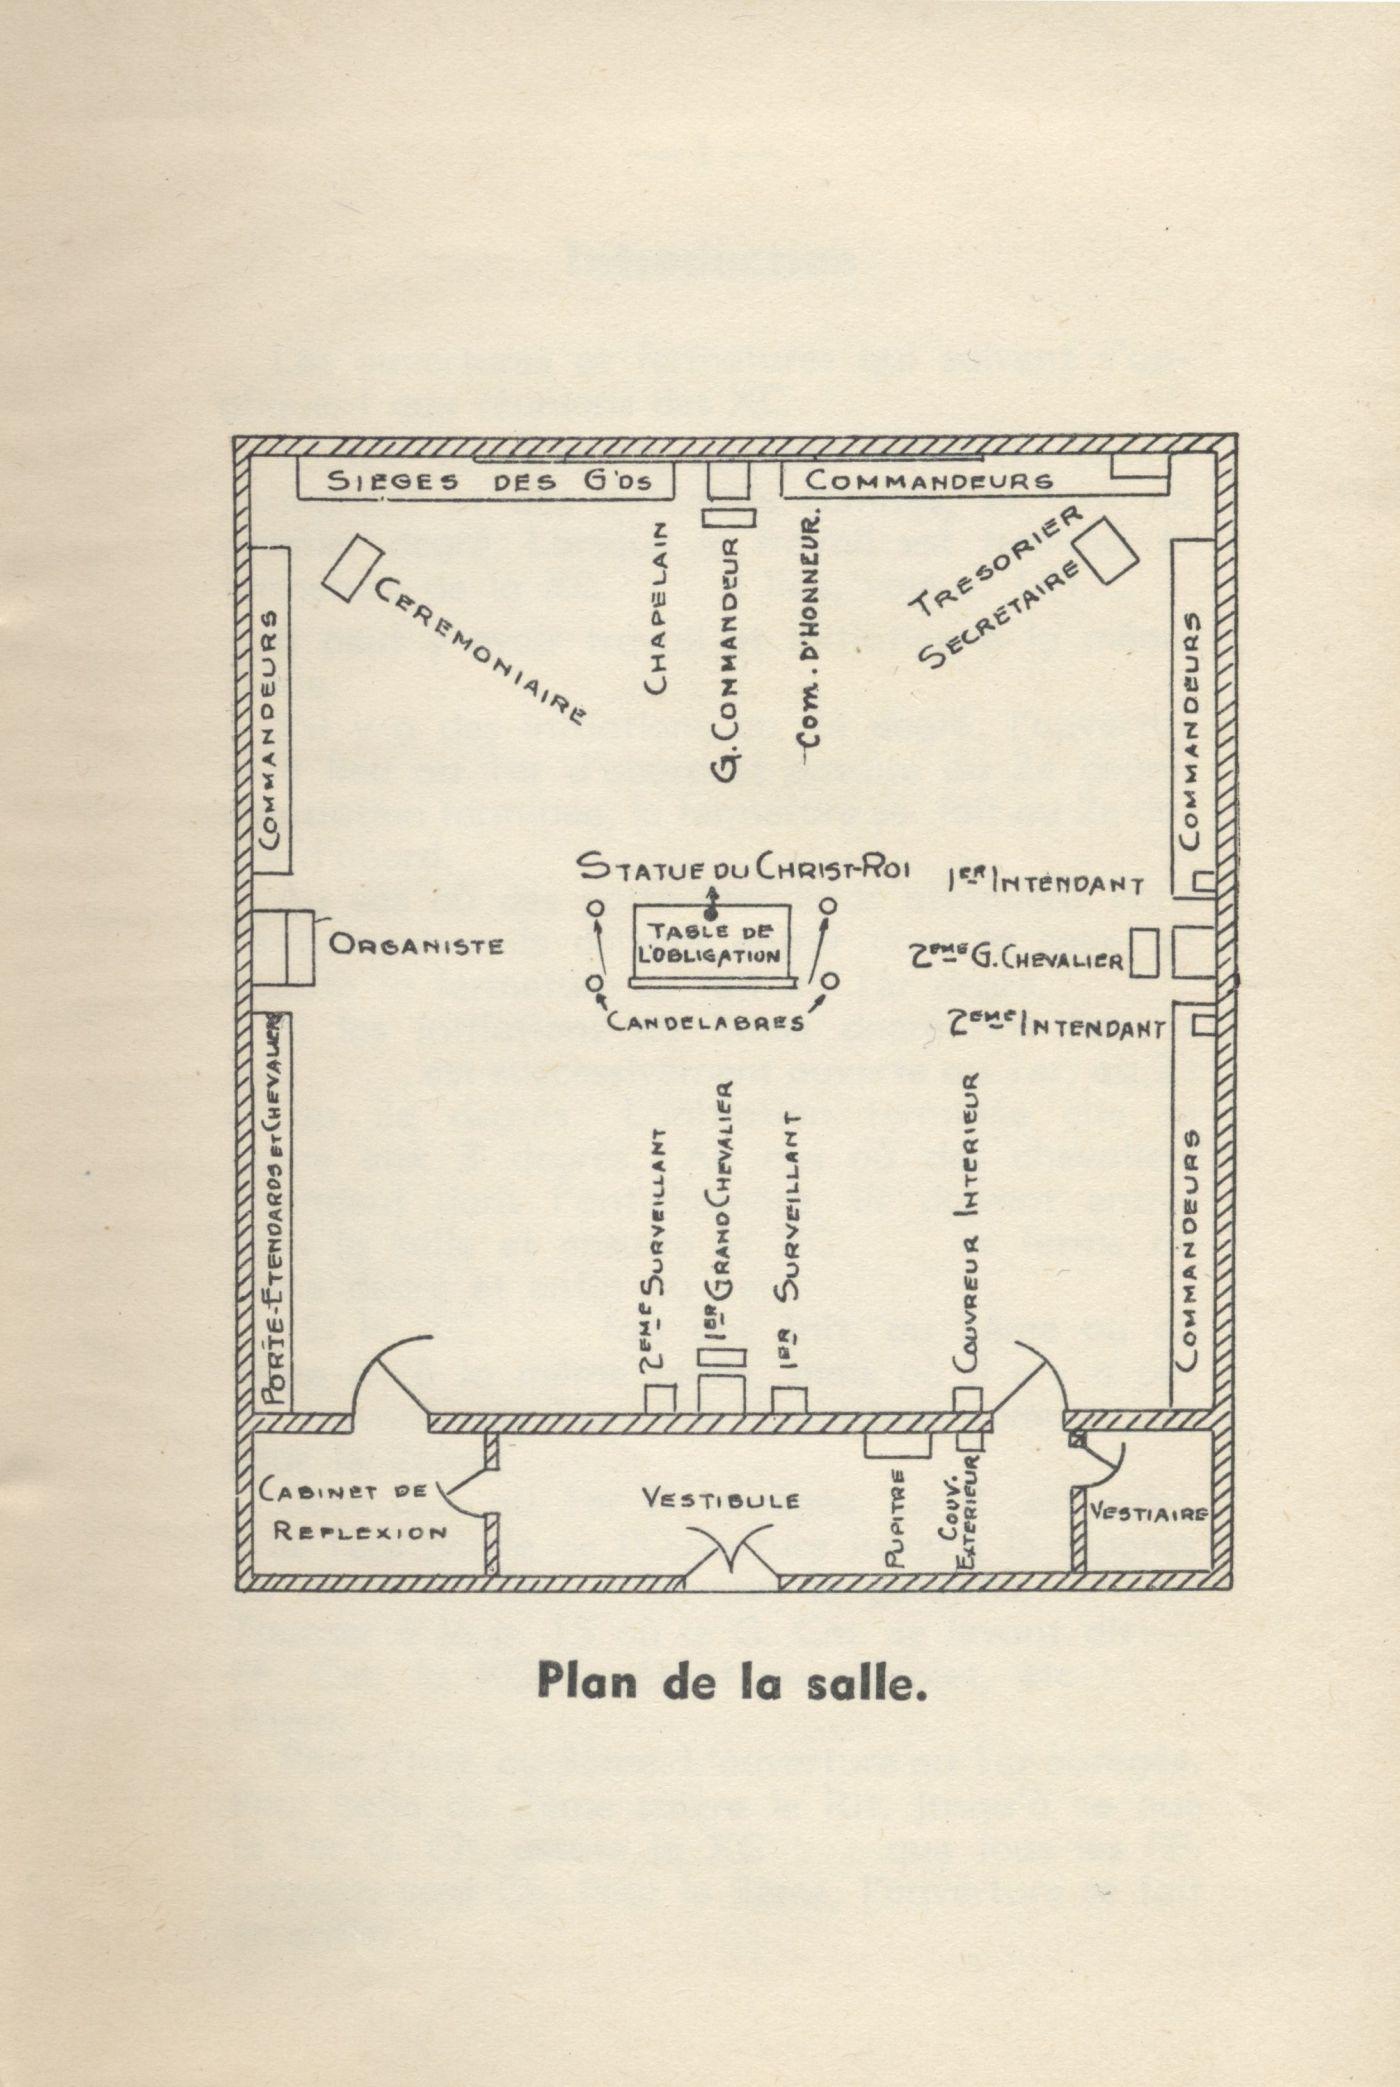 Document imprimé, en français. La page couverture ne comporte qu'un titre, inséré entre deux bordures décoratives. Le mot « chapelain » est inscrit à la main, à l'encre bleue en haut de la page. Le document inclut trois remarques du censeur diocésain, en date du 10 mai 1928, ainsi que le plan détaillé d'une salle et de la place occupée par différents intervenants.